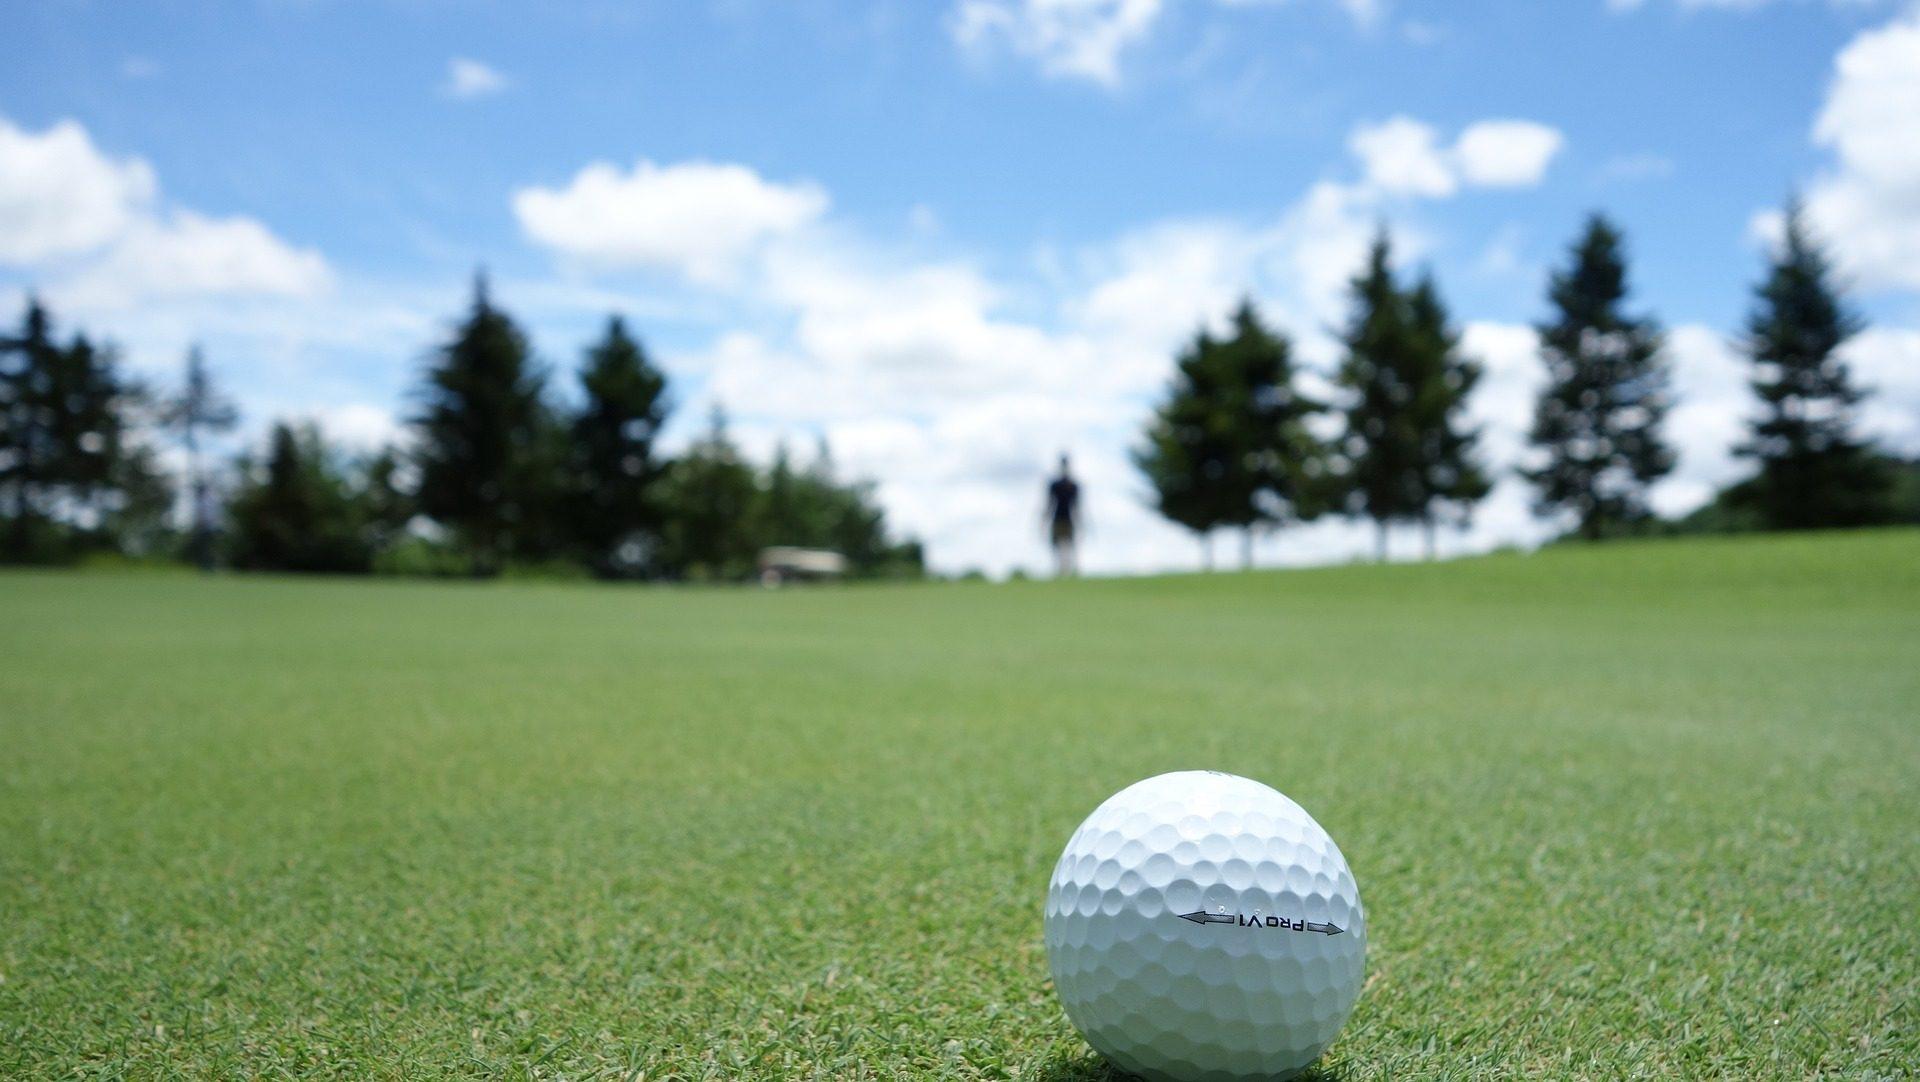 Golf, campo, gramado, bola, verde, Silhueta, árvores, Céu, nuvens - Papéis de parede HD - Professor-falken.com